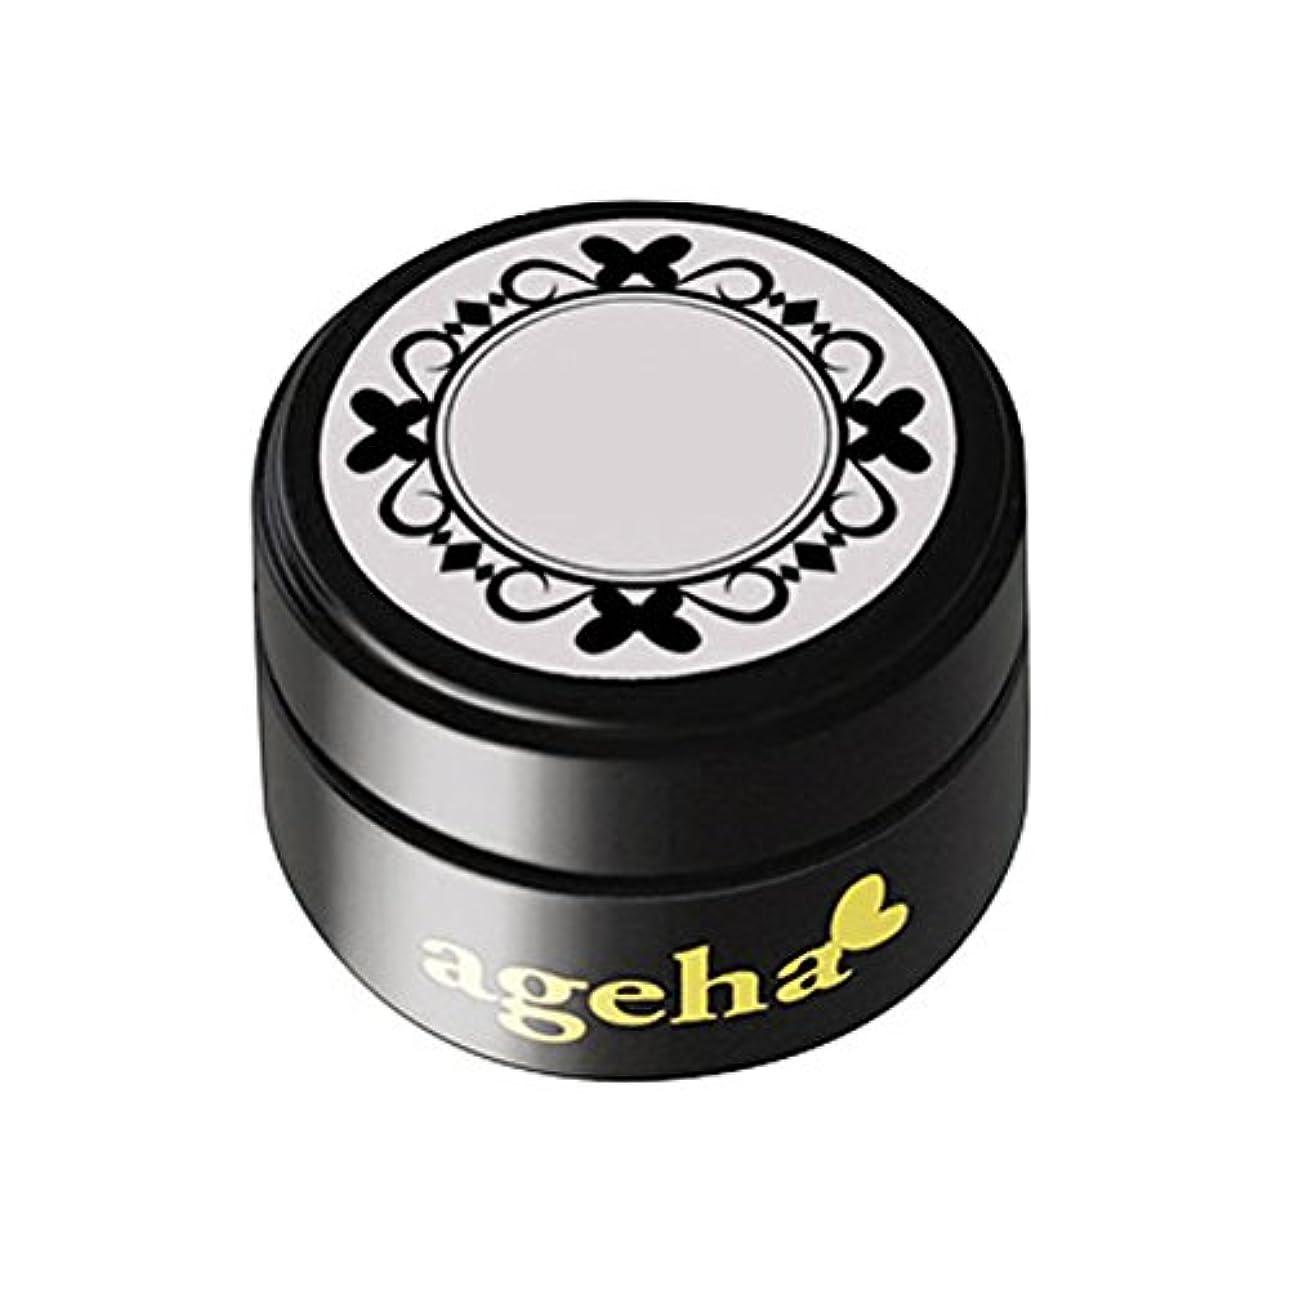 投資する読書をするコレクションageha gel カラージェル コスメカラー 201 ブラック 2.7g UV/LED対応